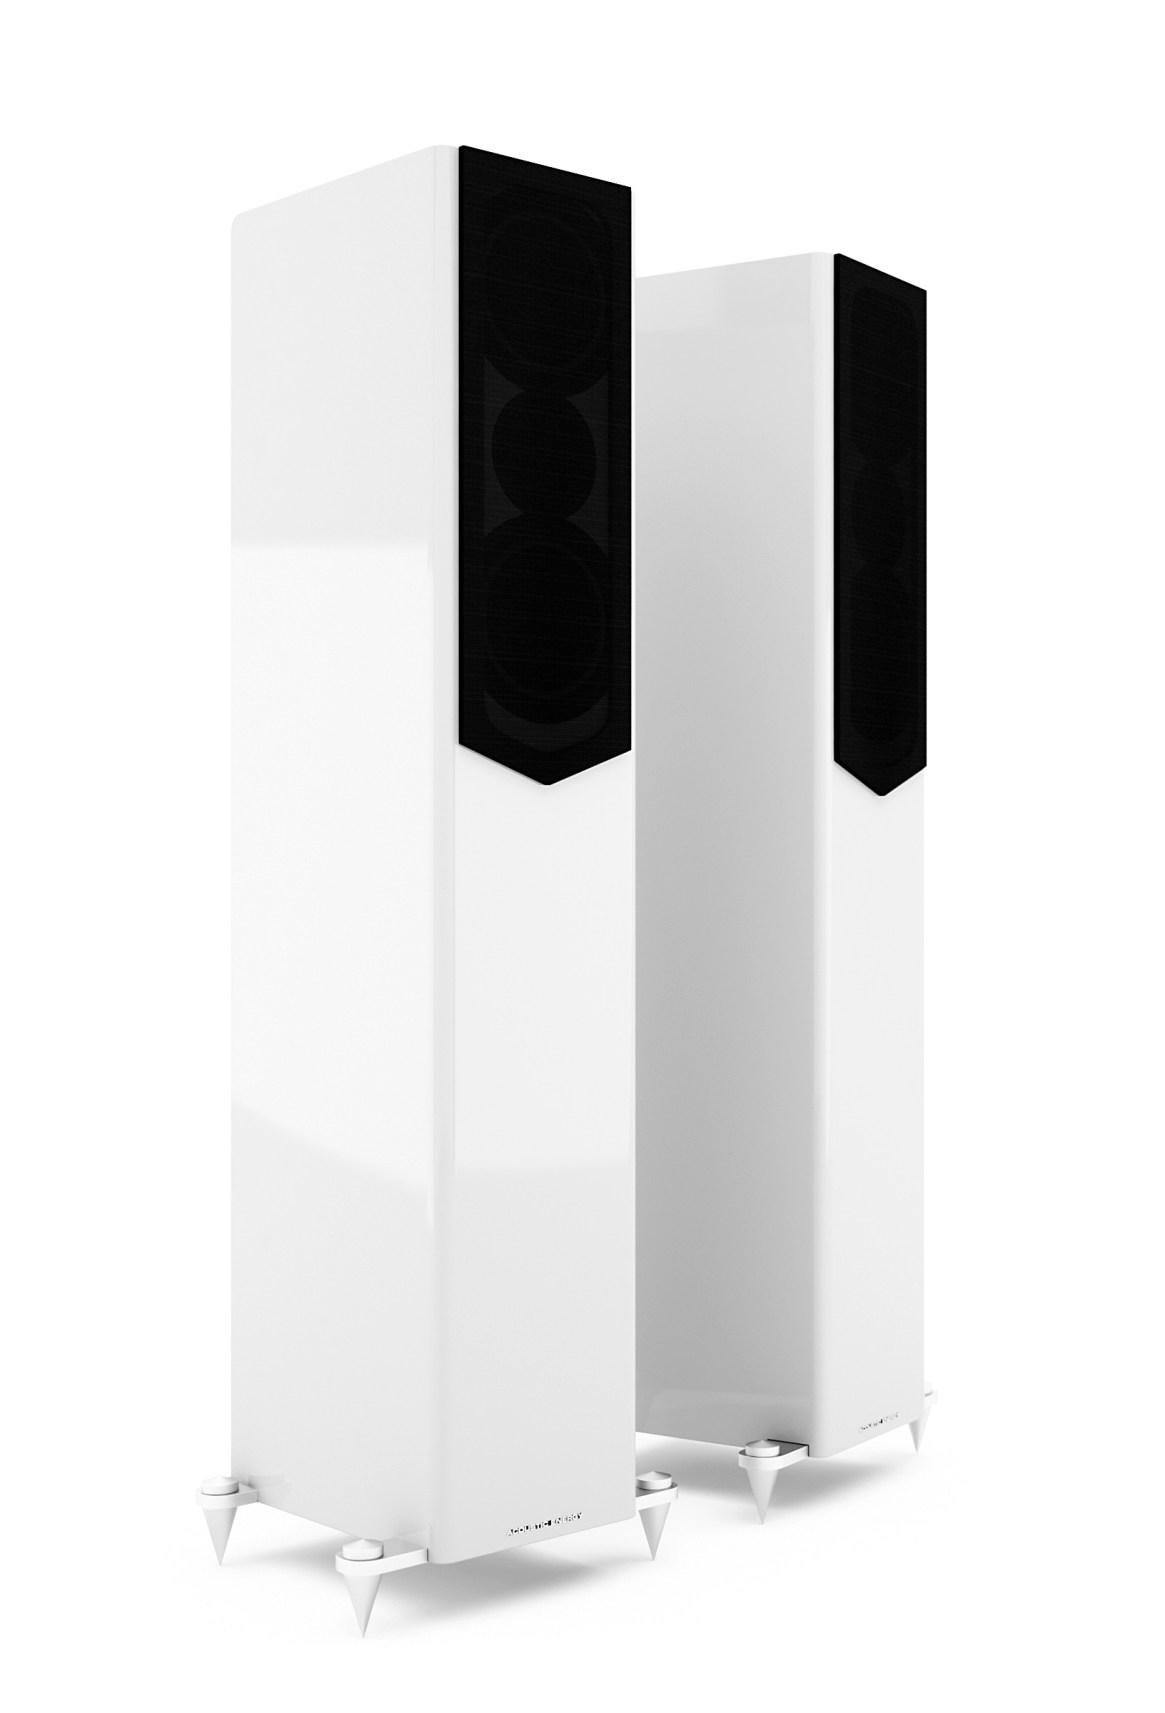 AE509 wit luidsprekers